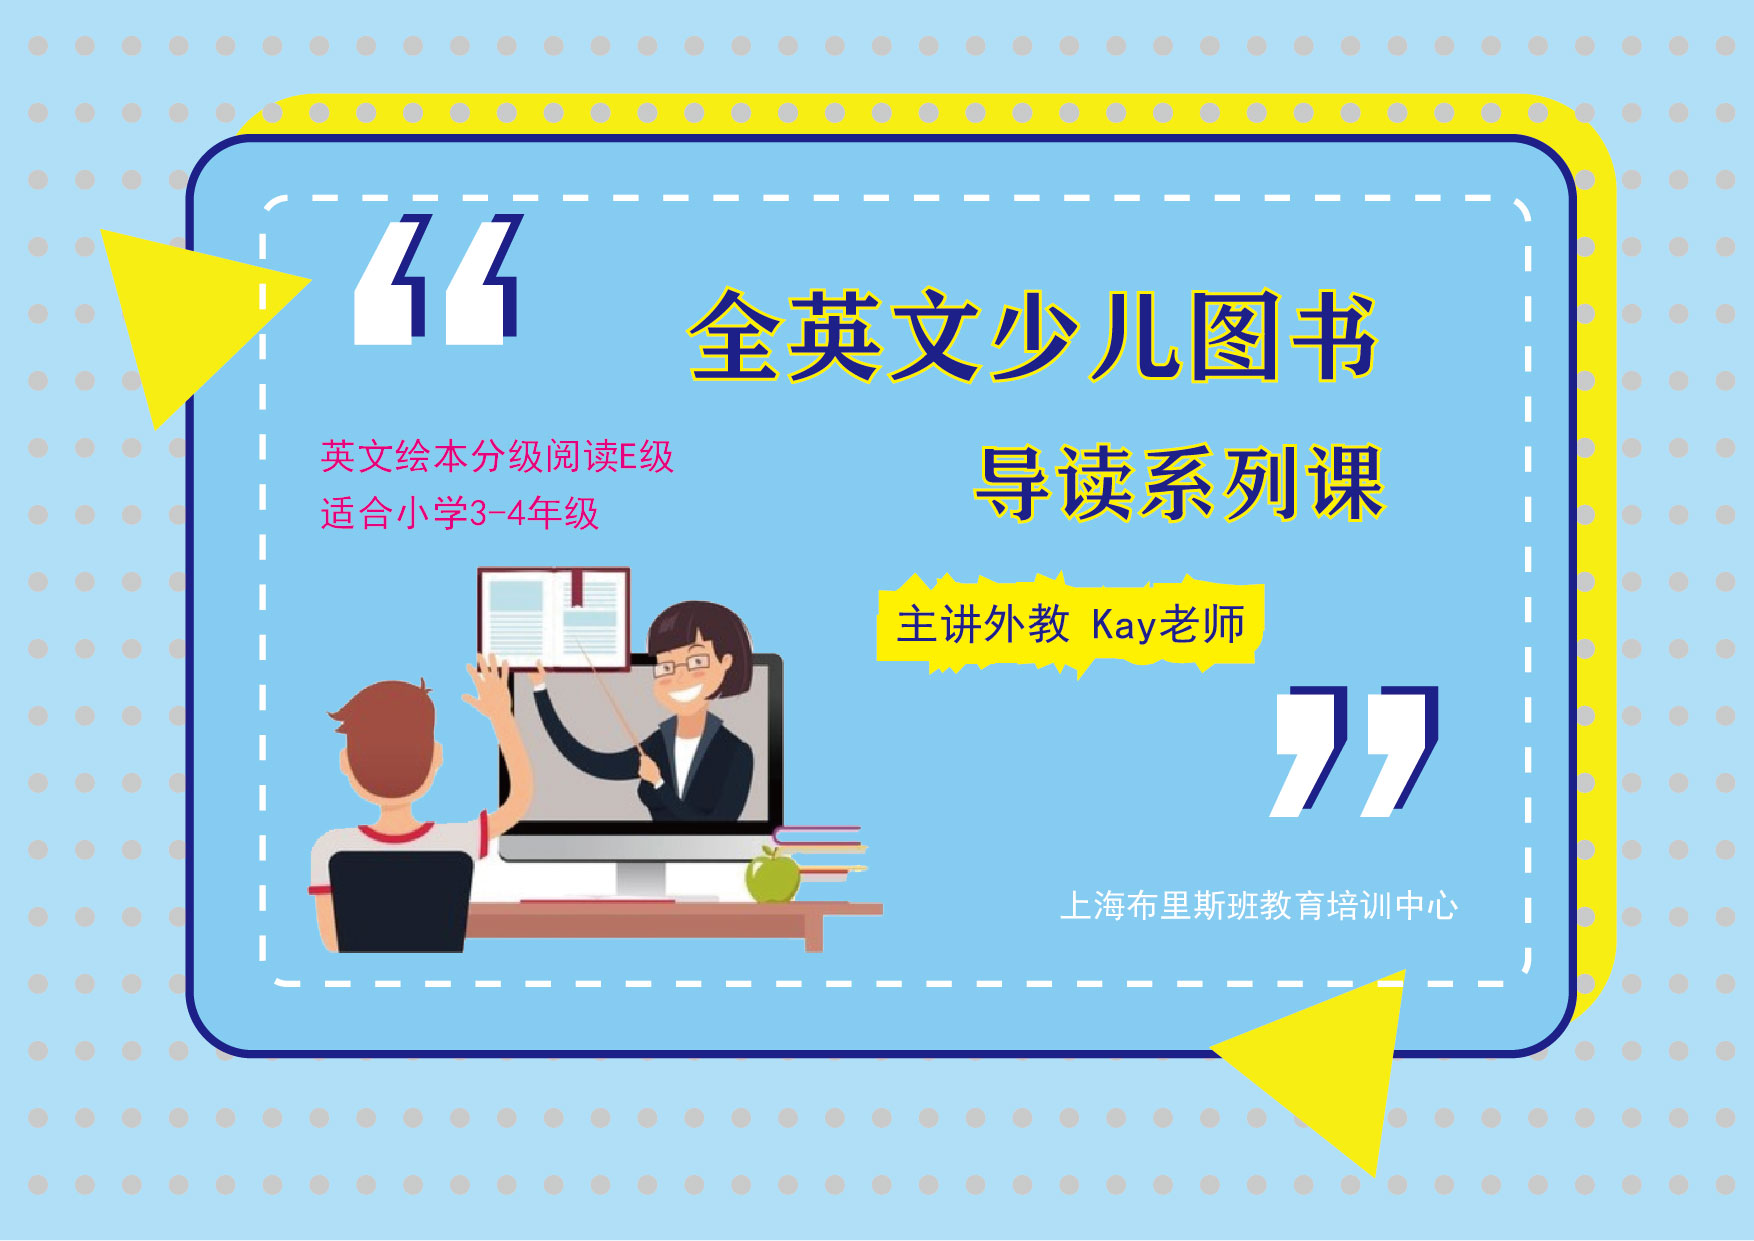 全英文少儿图书导读系列课 E级(小学3-4年级)